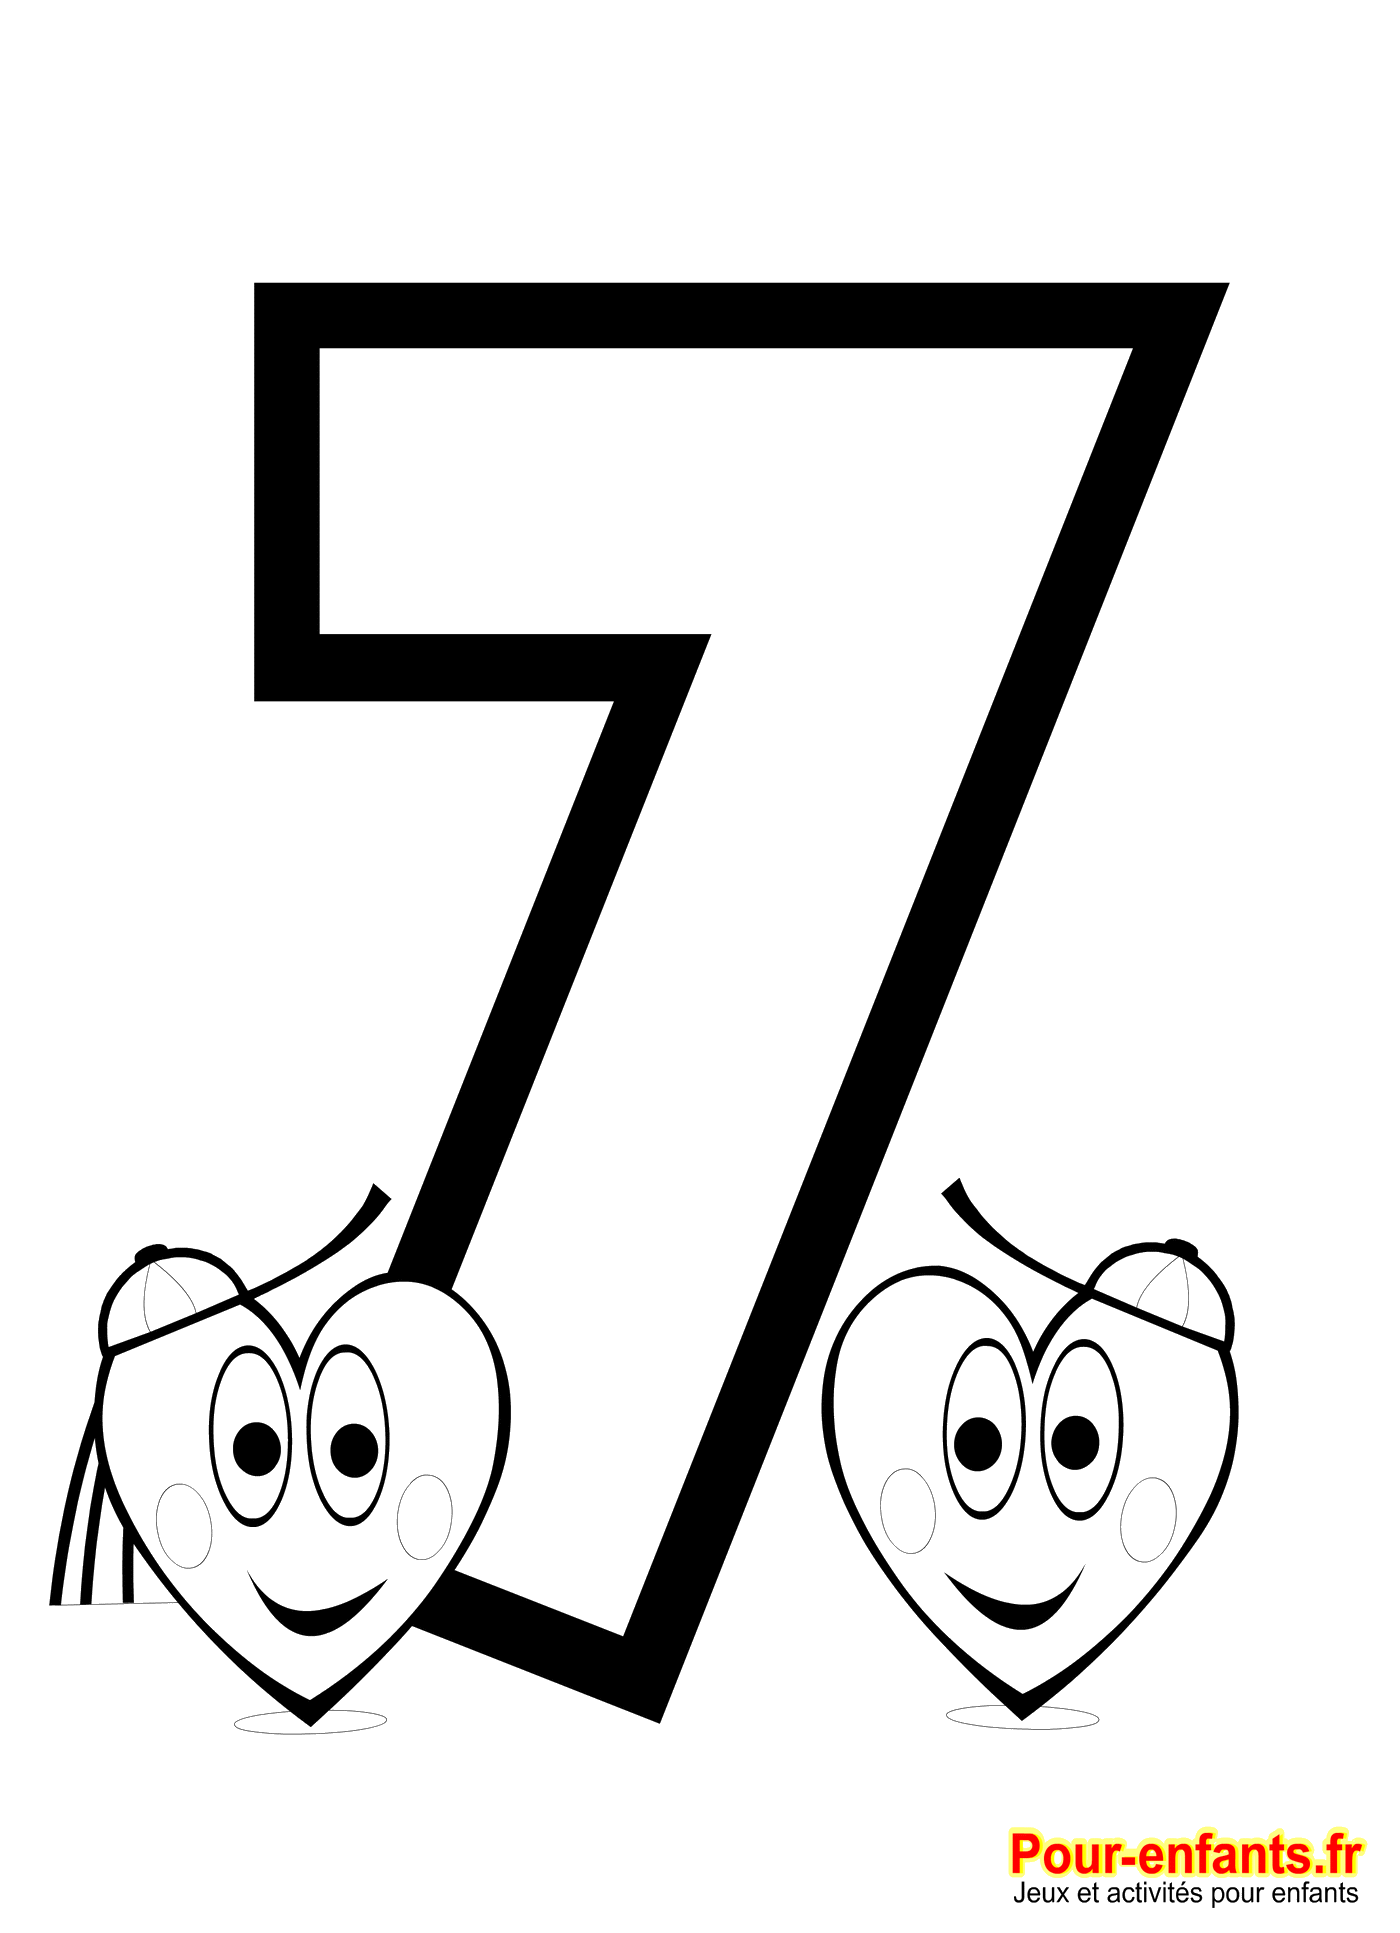 Chiffre 7 imprimer coloriages chiffres 0 1 2 3 4 5 6 7 8 9 grande taille jeux et bricolages - Des images pour coloriage ...